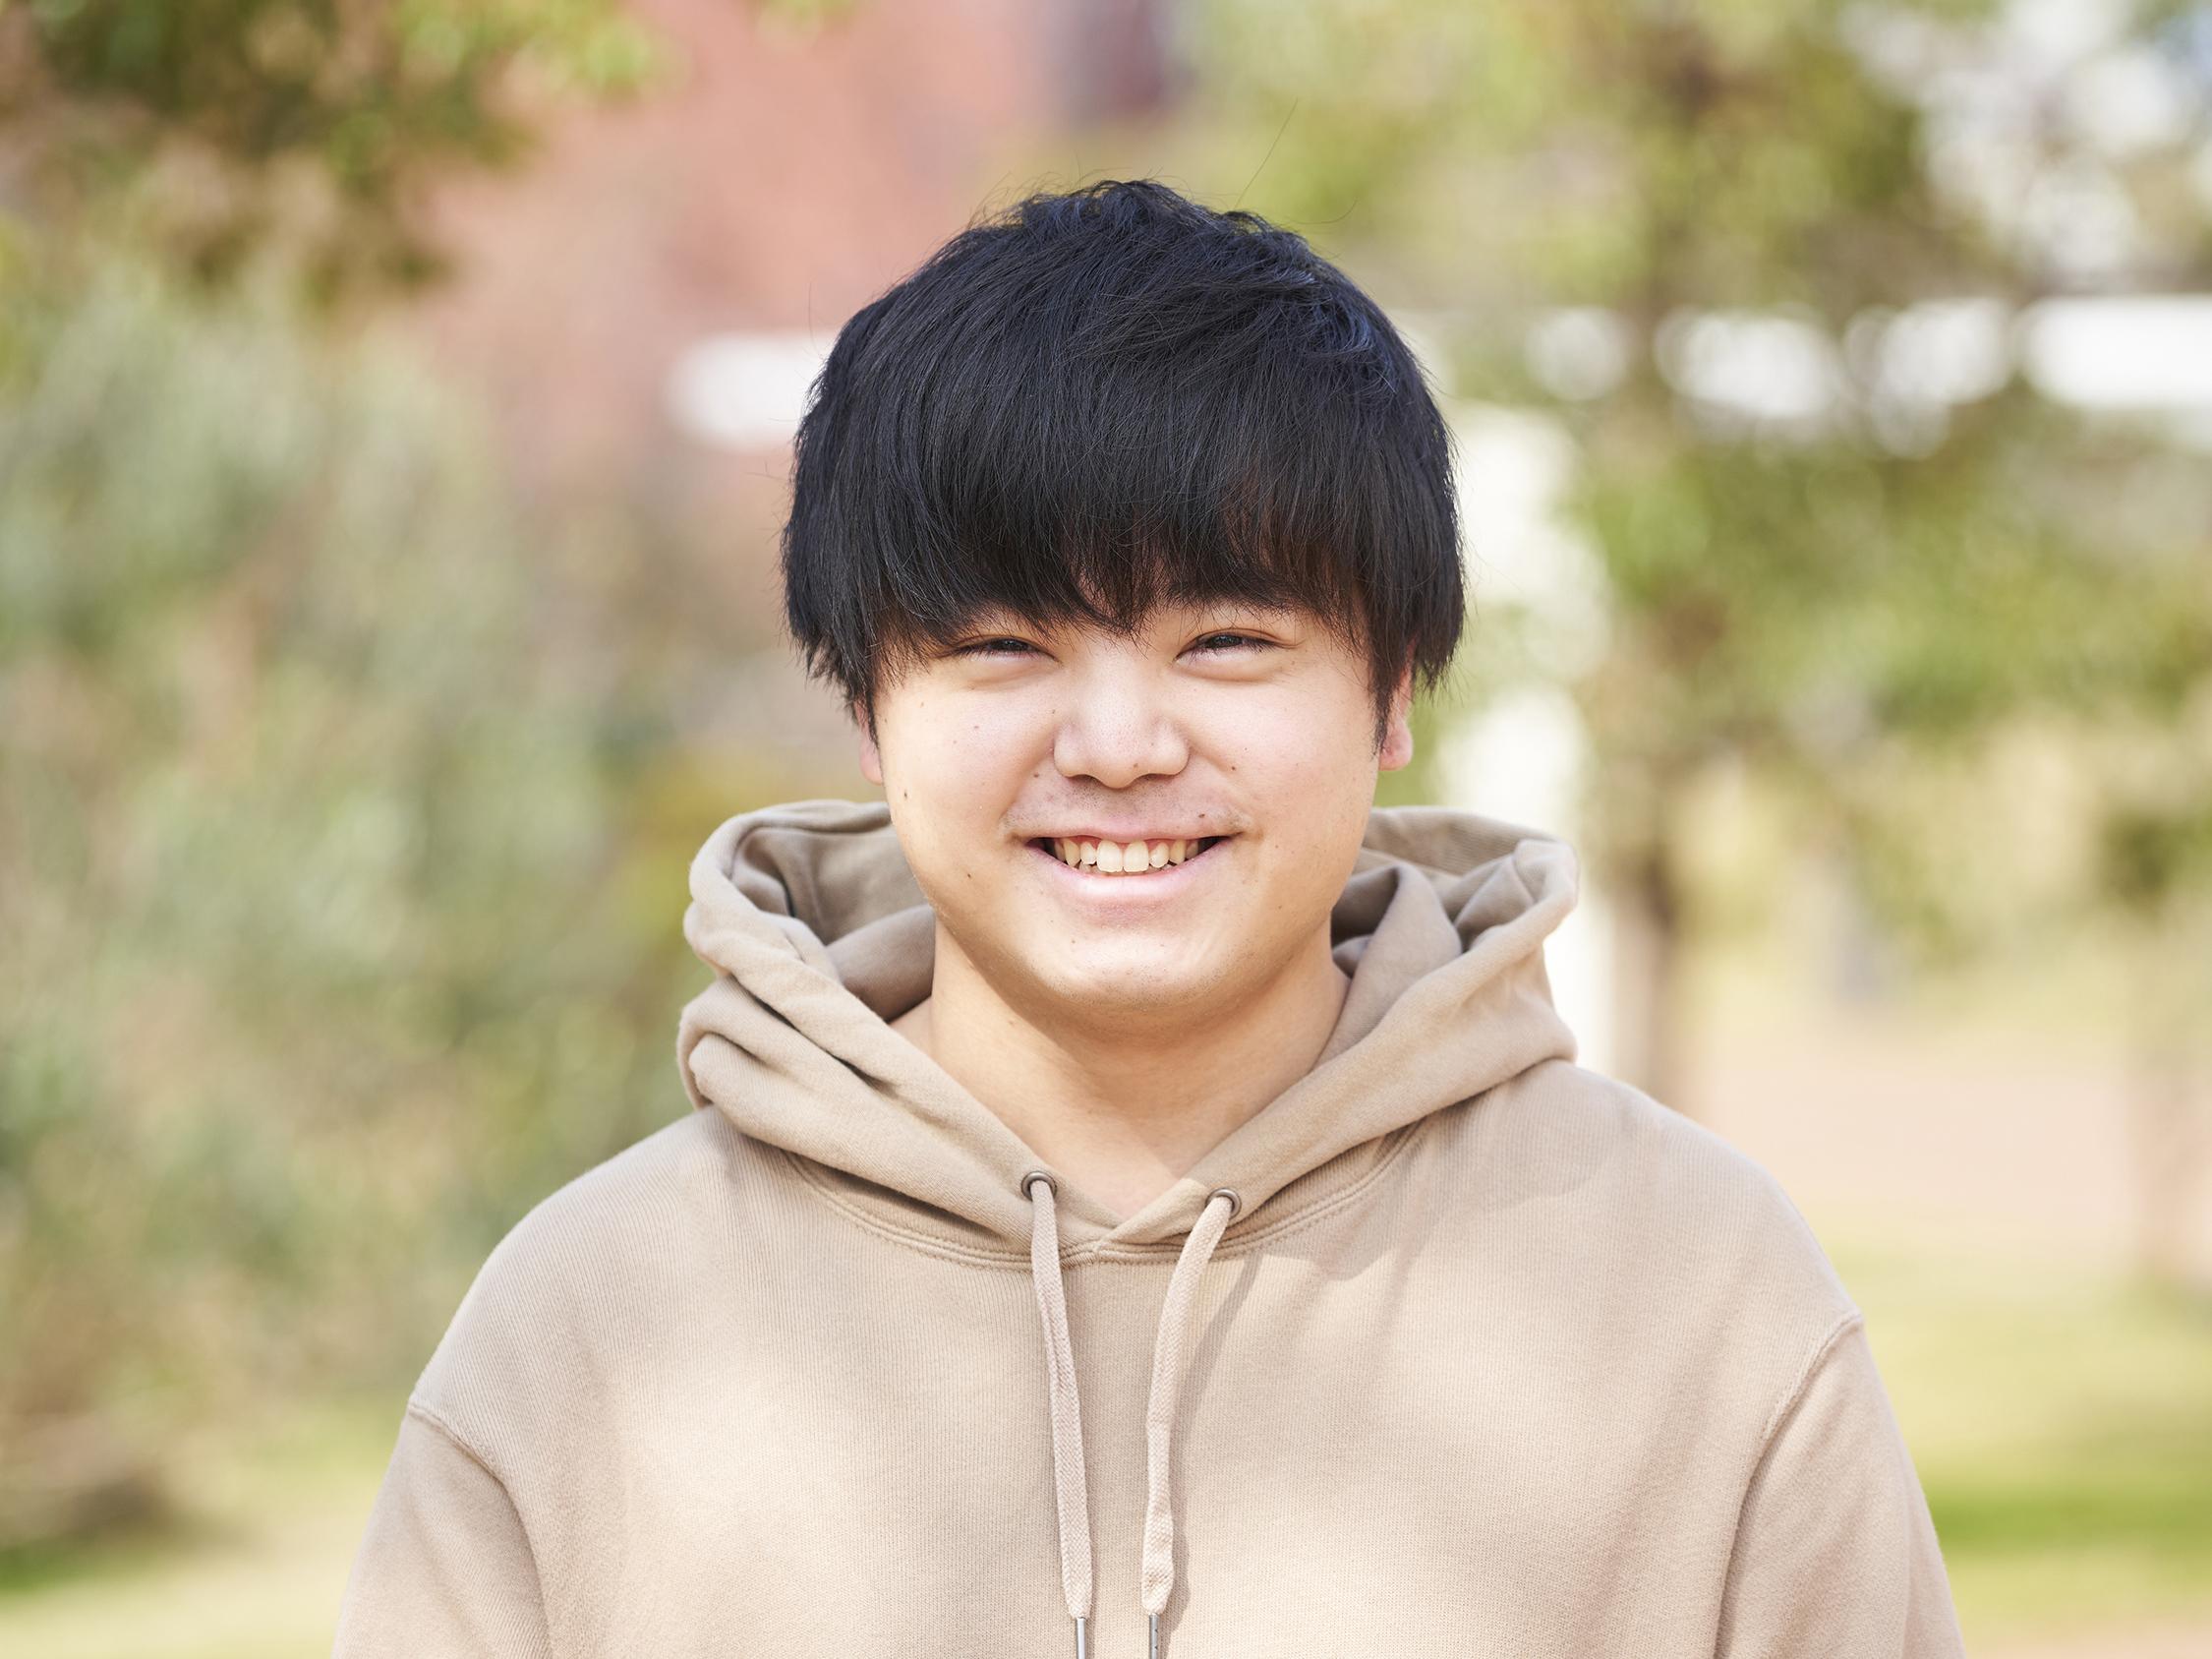 伊藤 孝行さんの写真